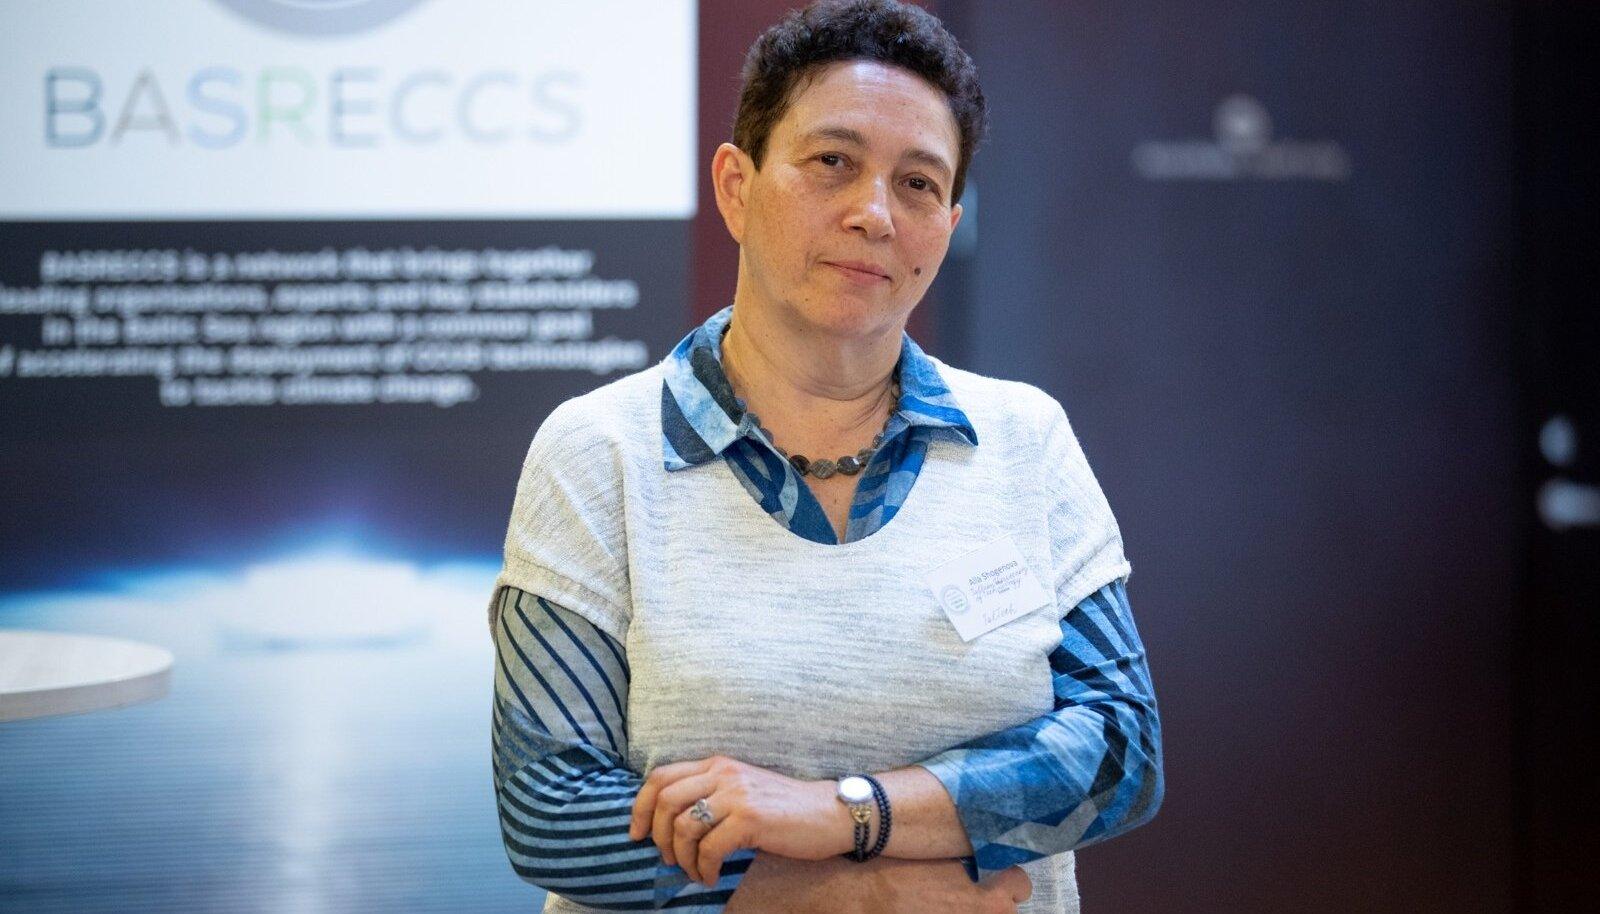 Kui süsihappegaas Eestis kinni püüda, siis on Alla Šogenova sõnul olemas väga head ärivõimalused, kuhu ja kellele seda müüa.